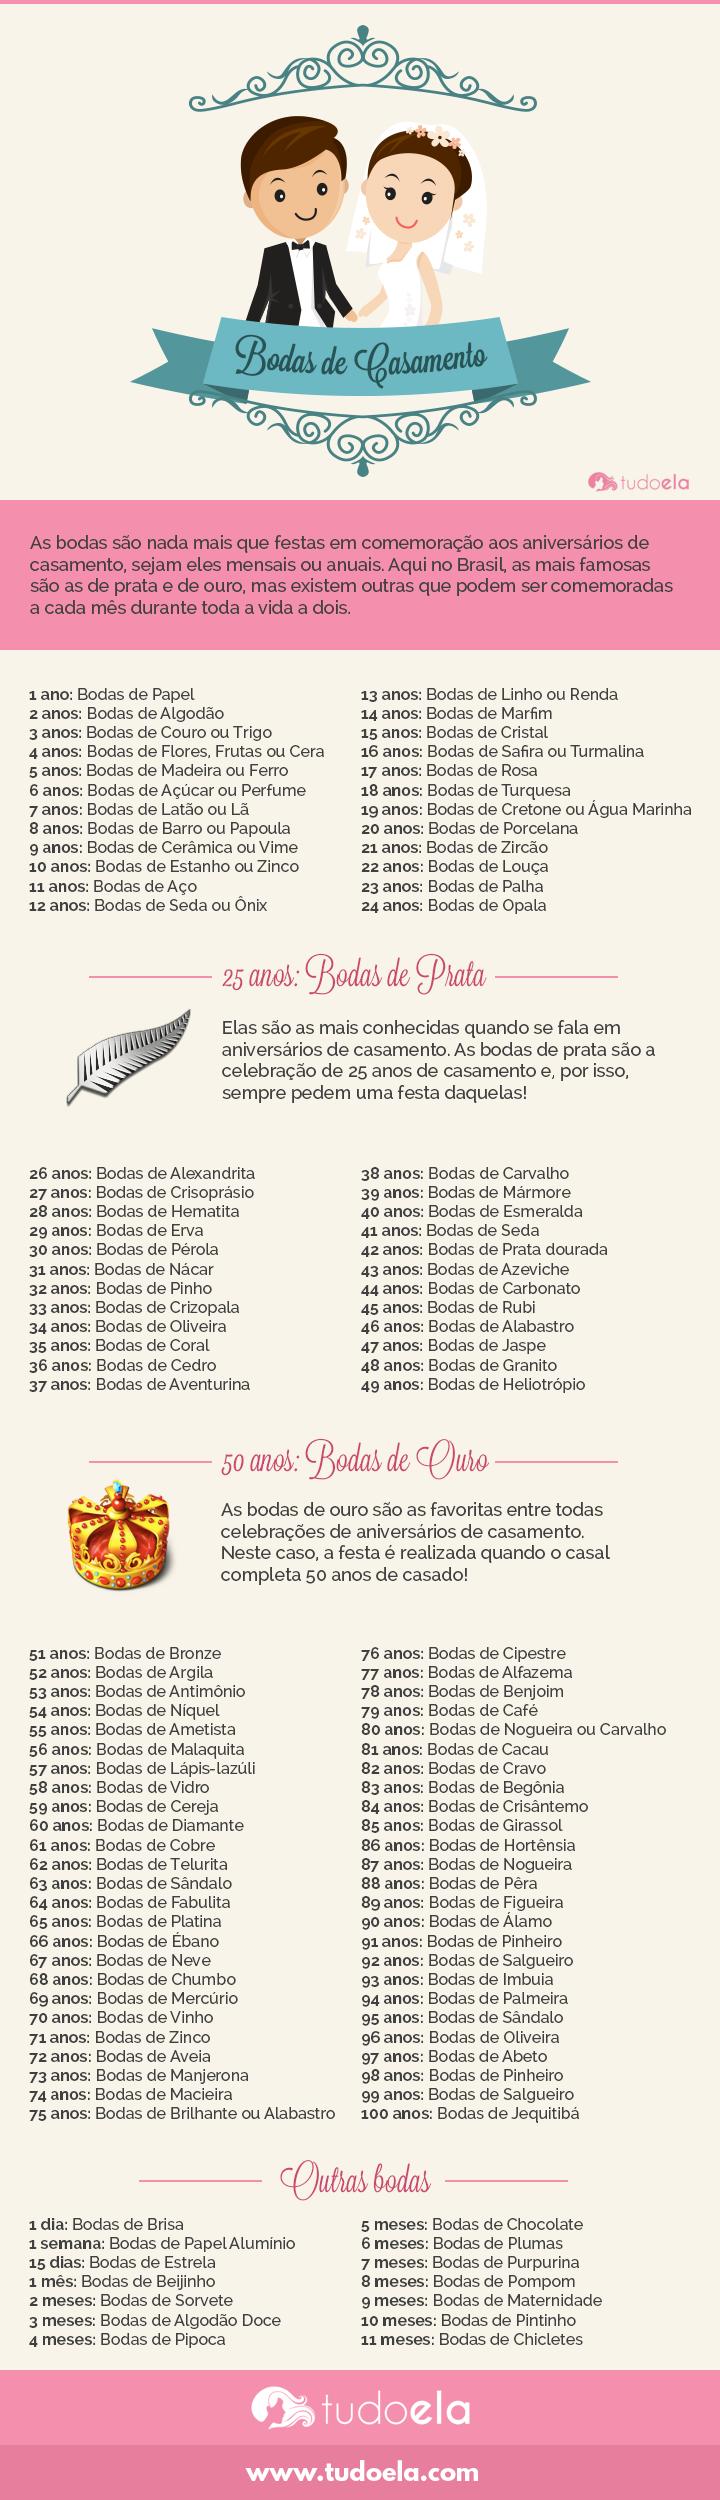 Bodas de casamento: Infográfico com a lista de bodas de casamento